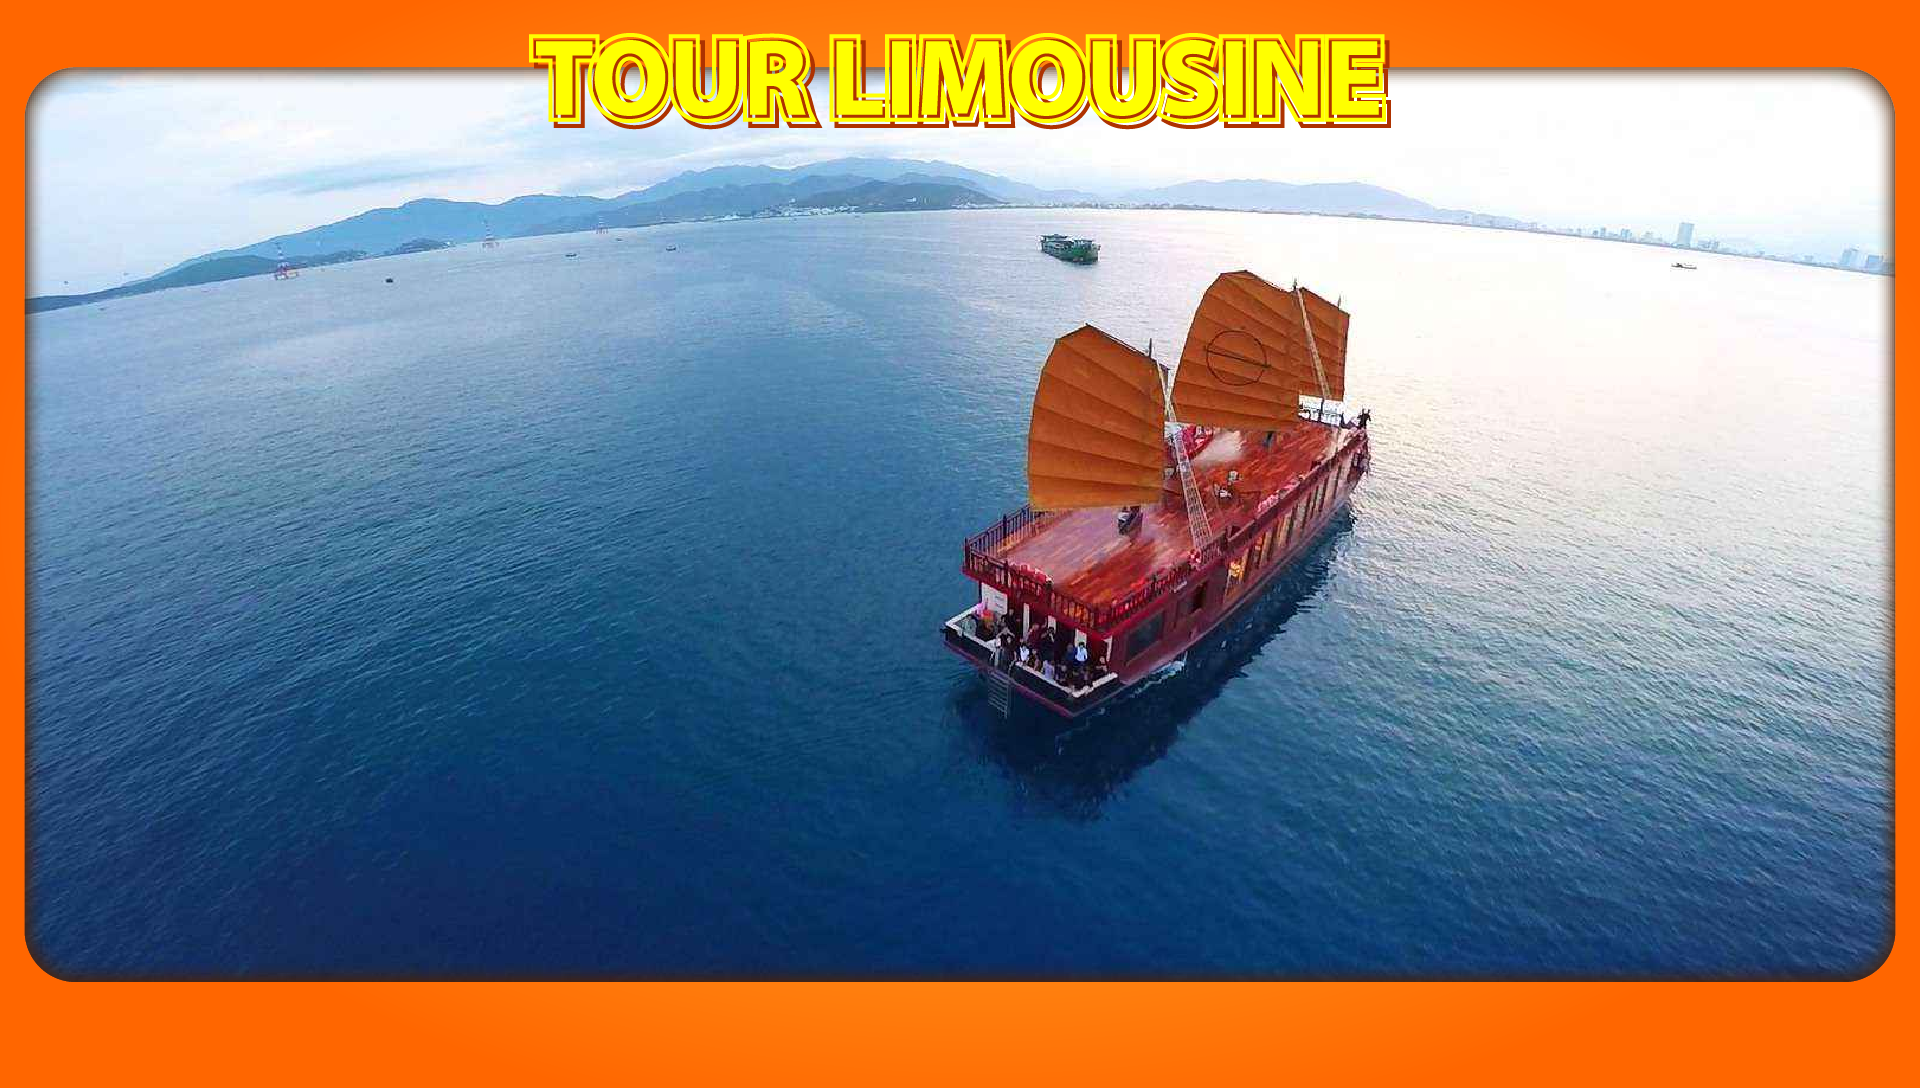 [LIMOUSINE] TOUR NHA TRANG - DU THUYỀN ĐẾ VƯƠNG 3N3D